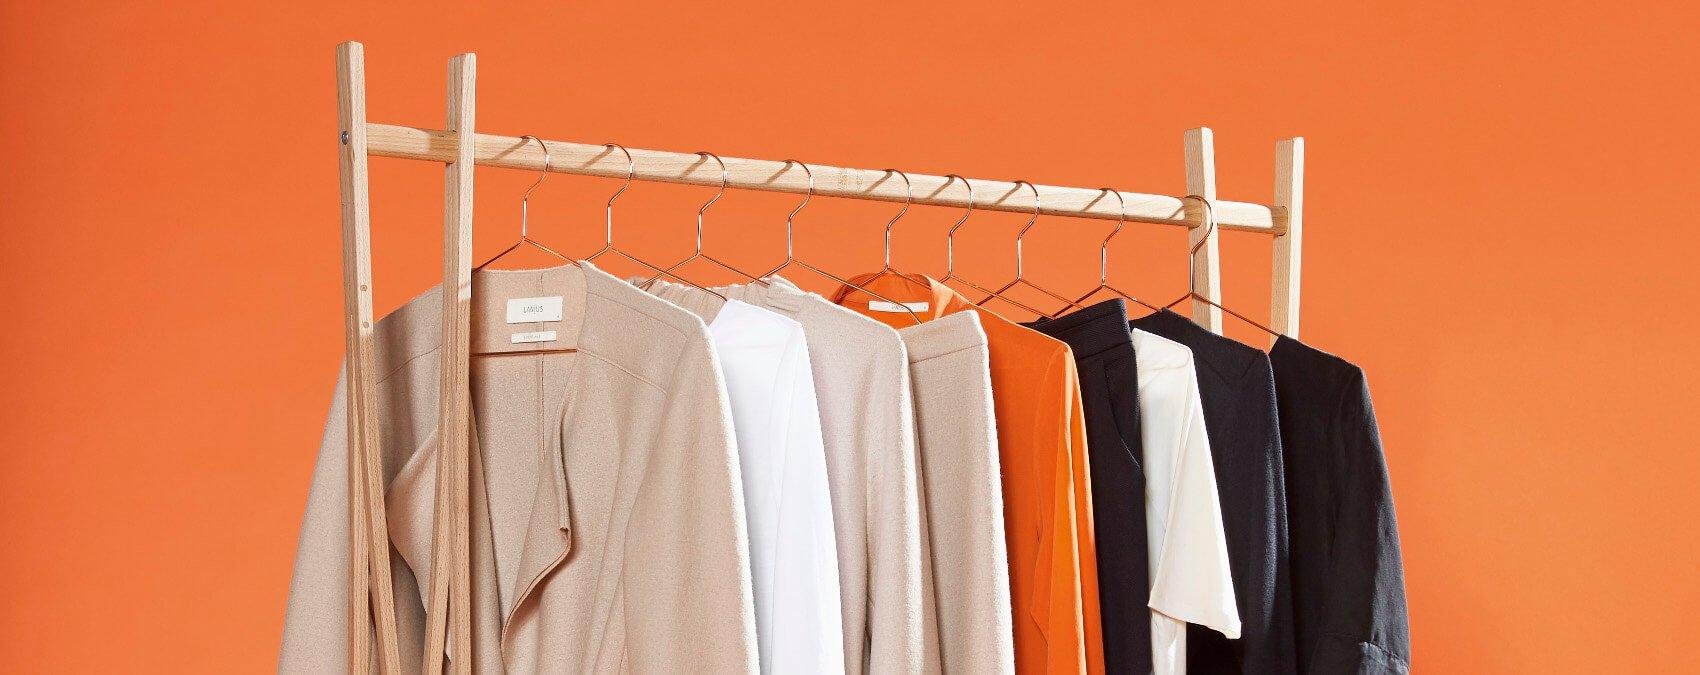 Kleiderstange mit aufgehangenen Fairtrade Kleidungsstücken